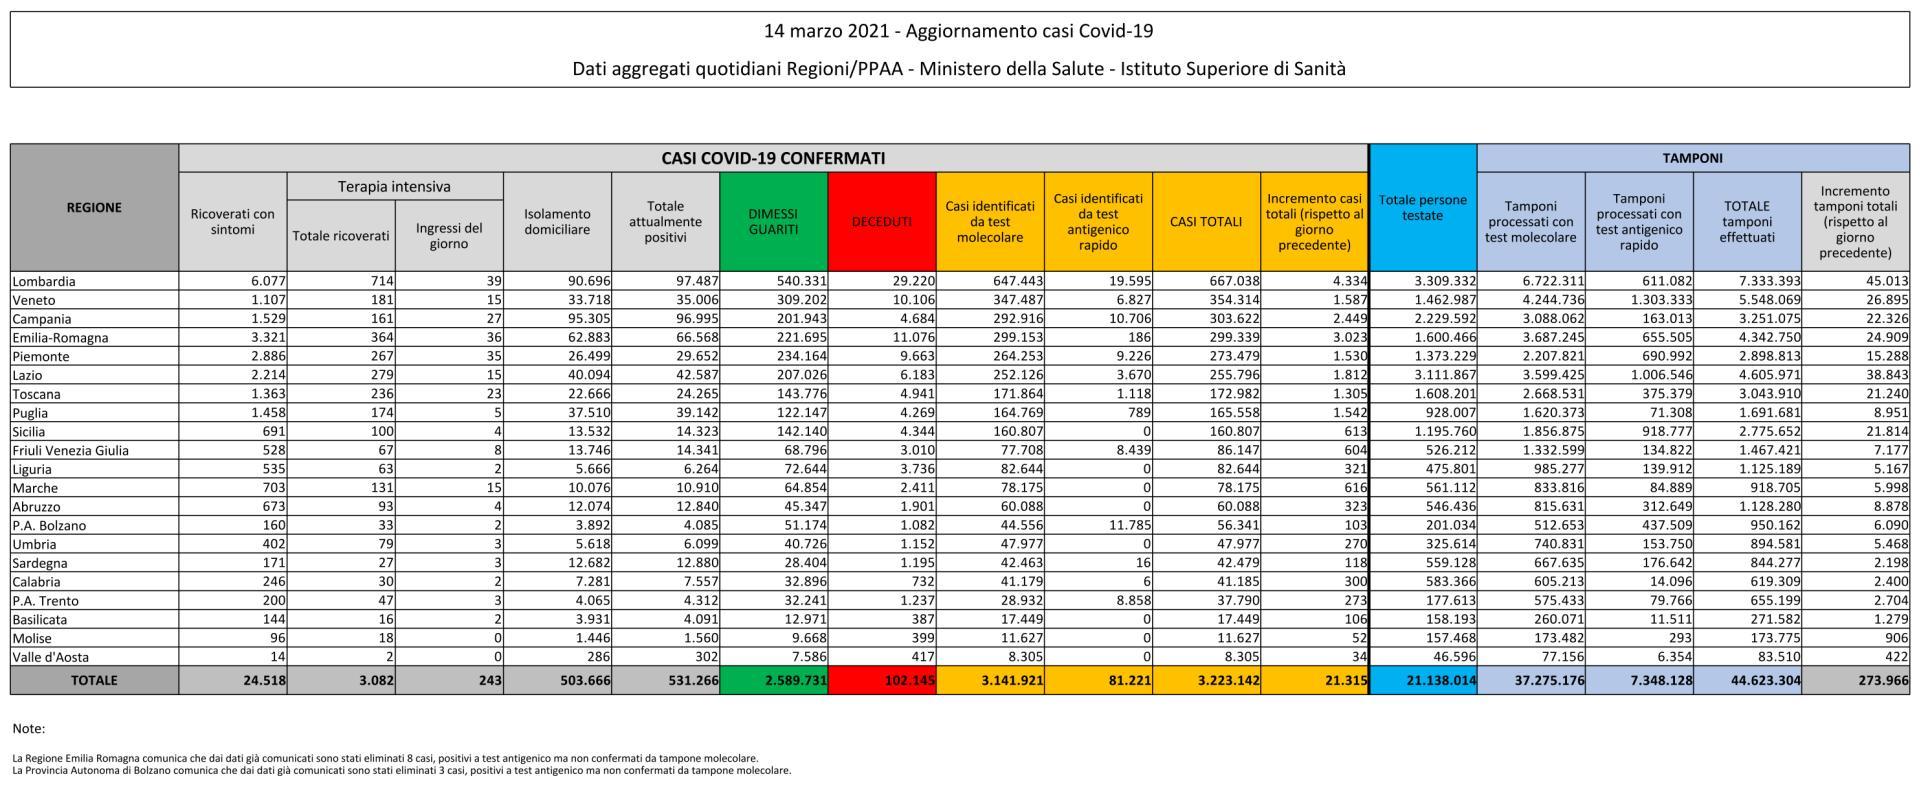 14 marzo 2021 - Aggiornamento casi Covid-19 Dati aggregati quotidiani Regioni/PPAA - Ministero della Salute - Istituto Superiore di Sanità